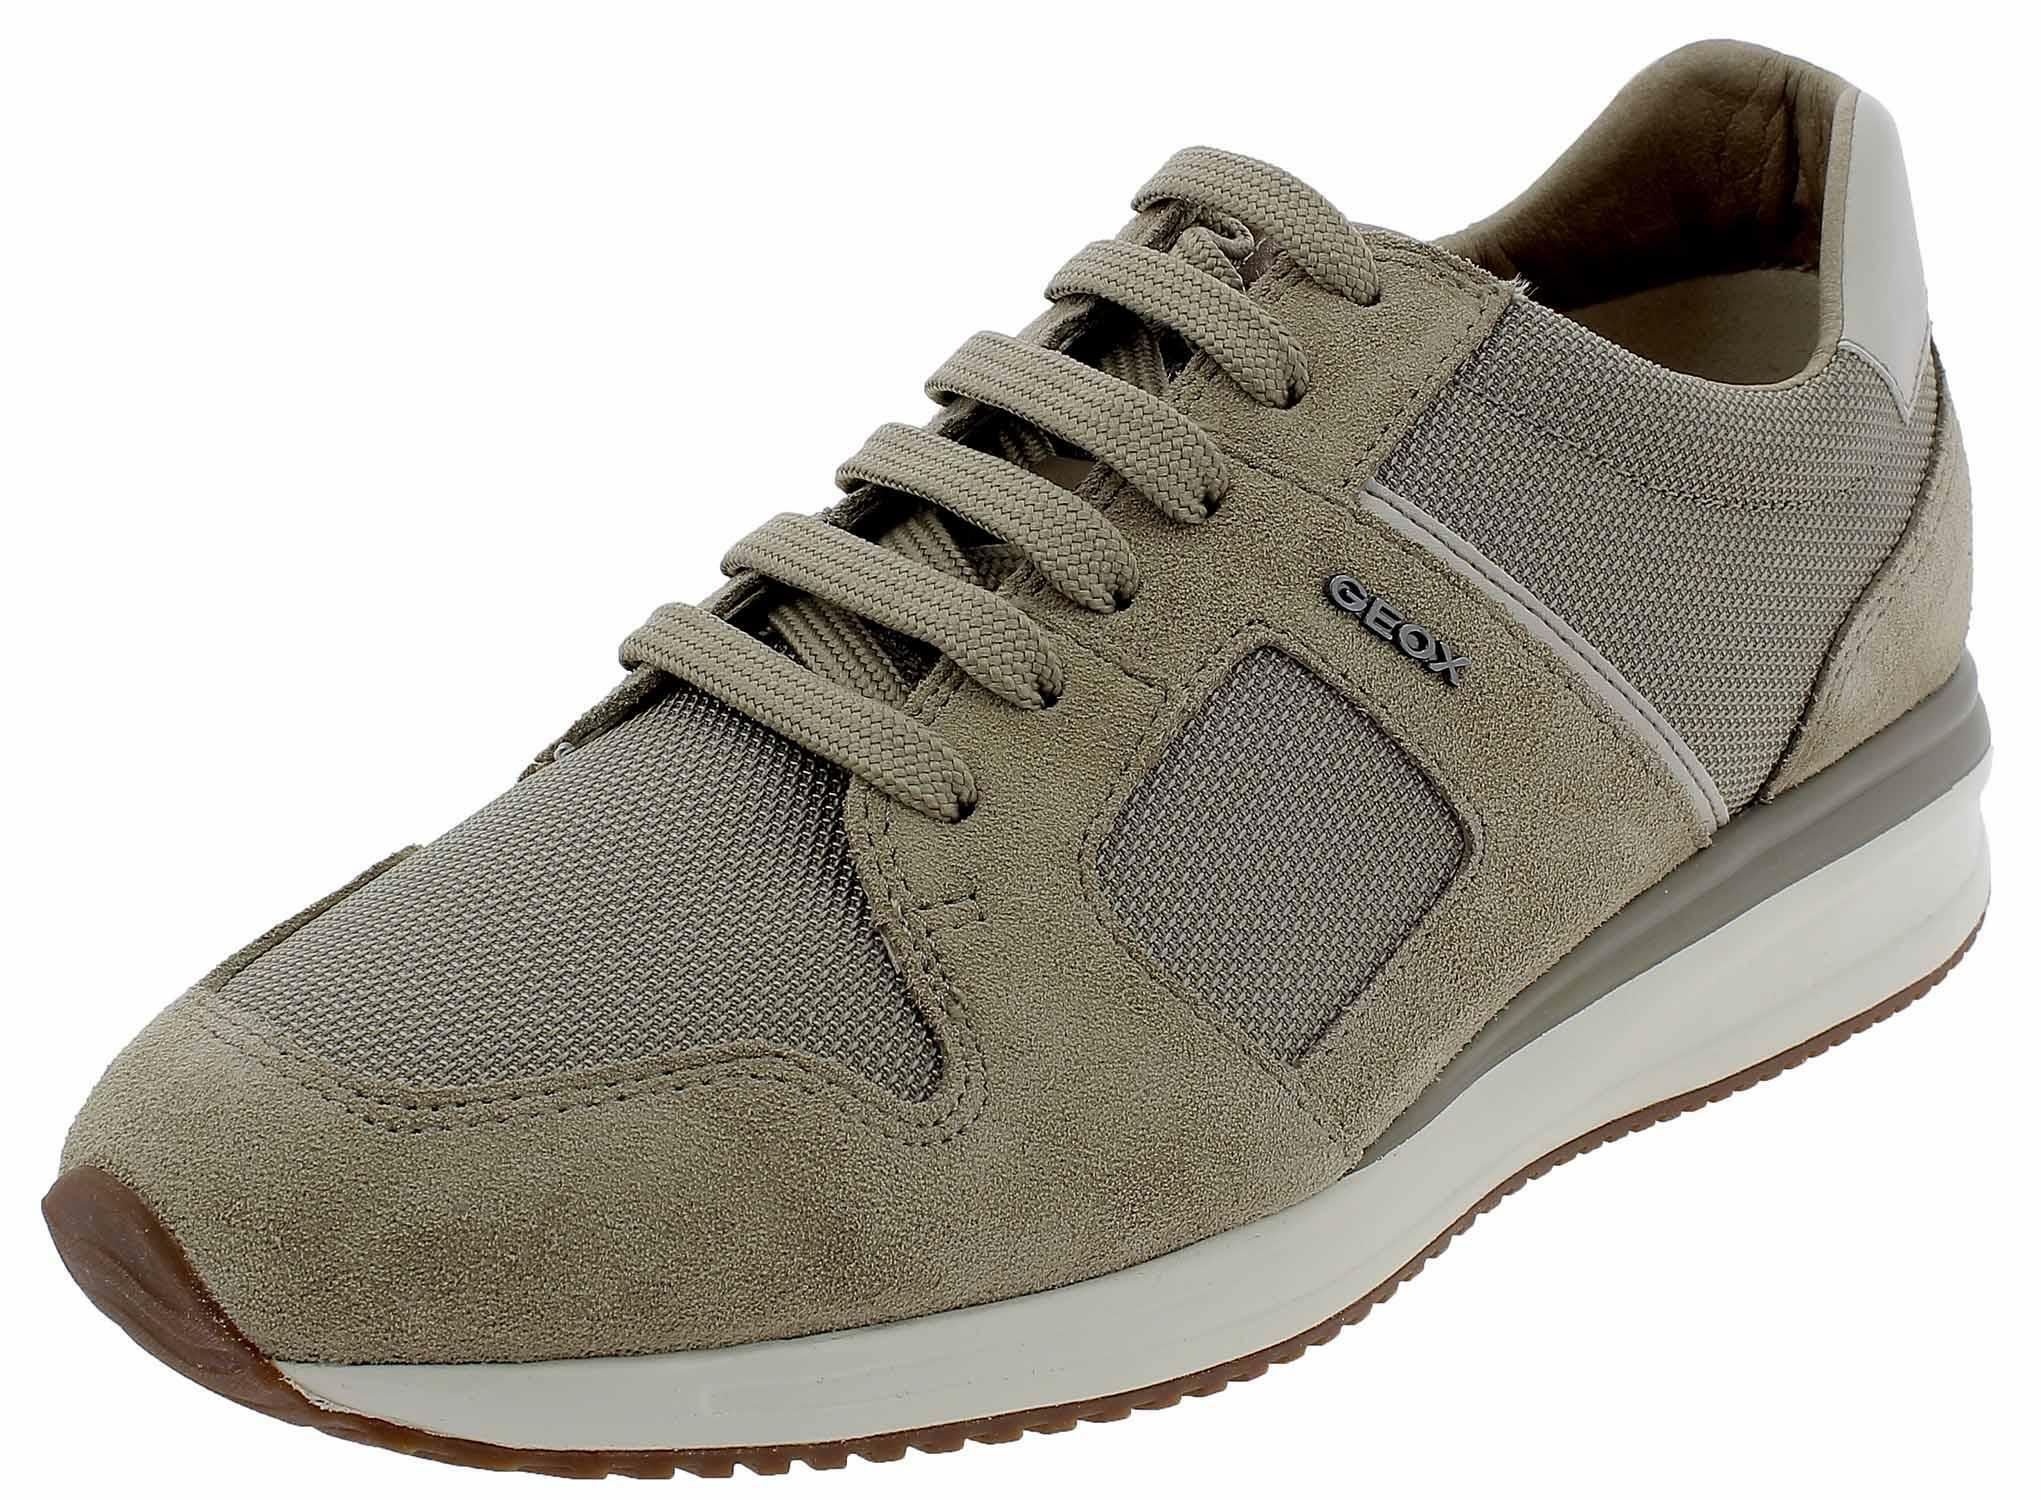 Uomo scarpa sportiva, colore Beige , marca GEOX, modello